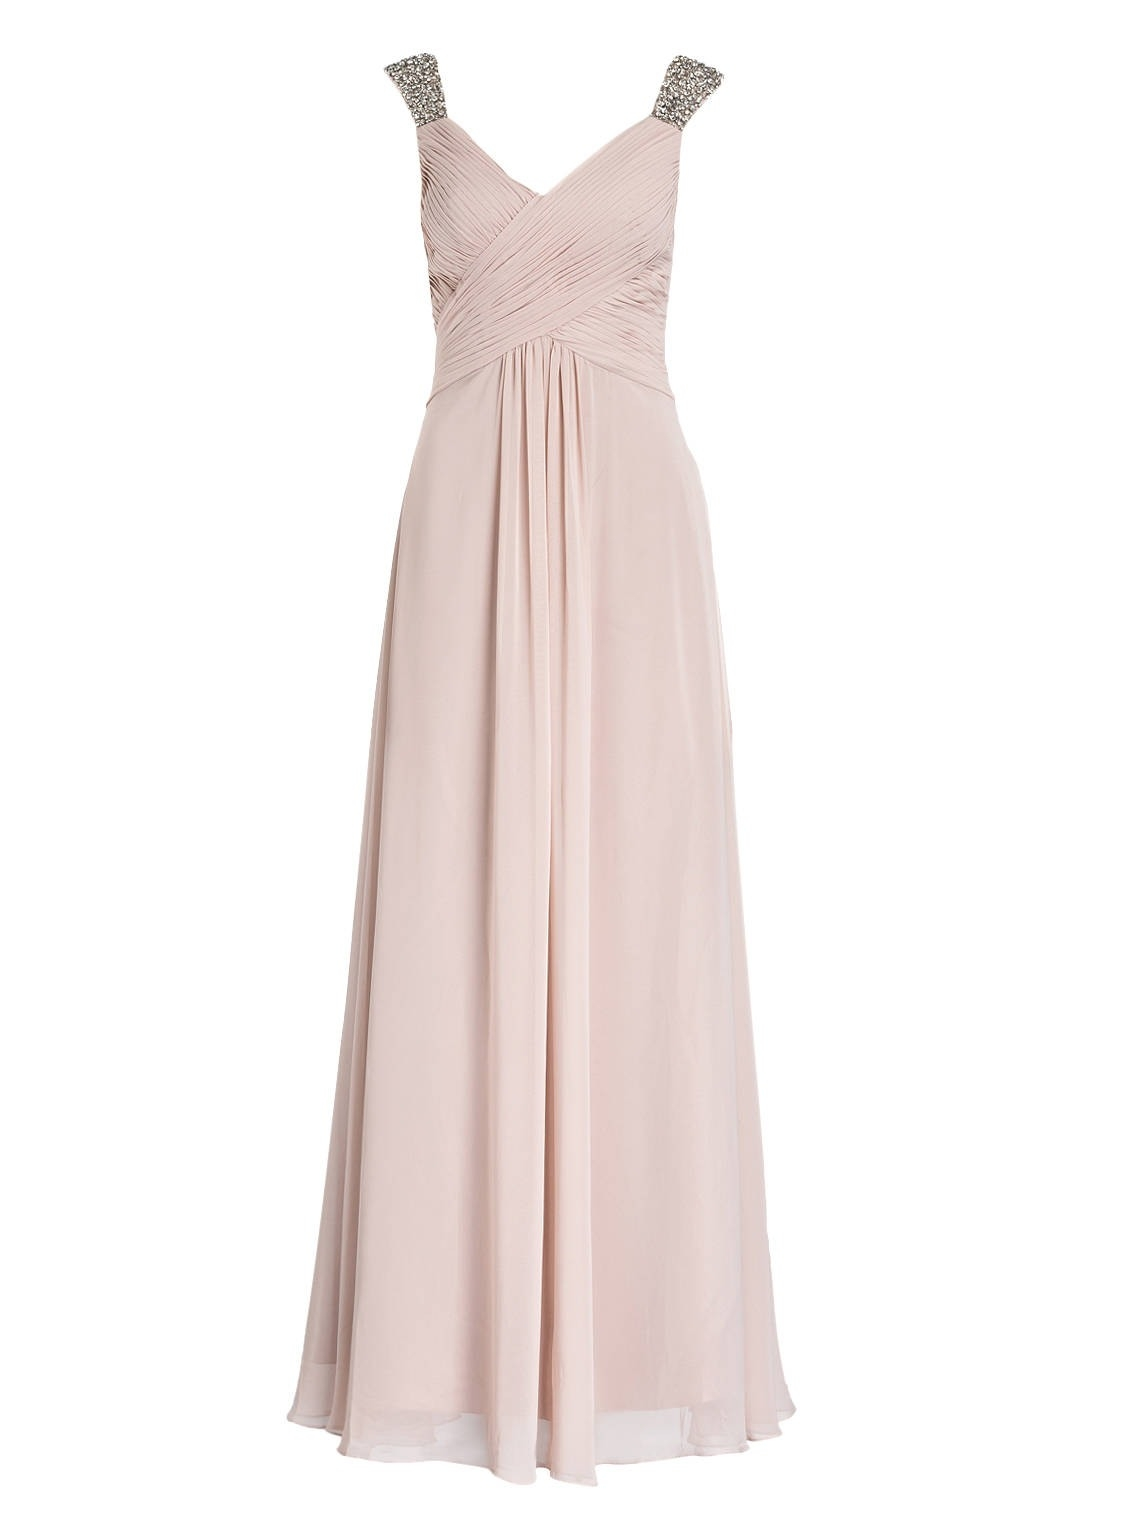 10 Genial Abendkleider Shop Online Bester PreisAbend Spektakulär Abendkleider Shop Online Vertrieb